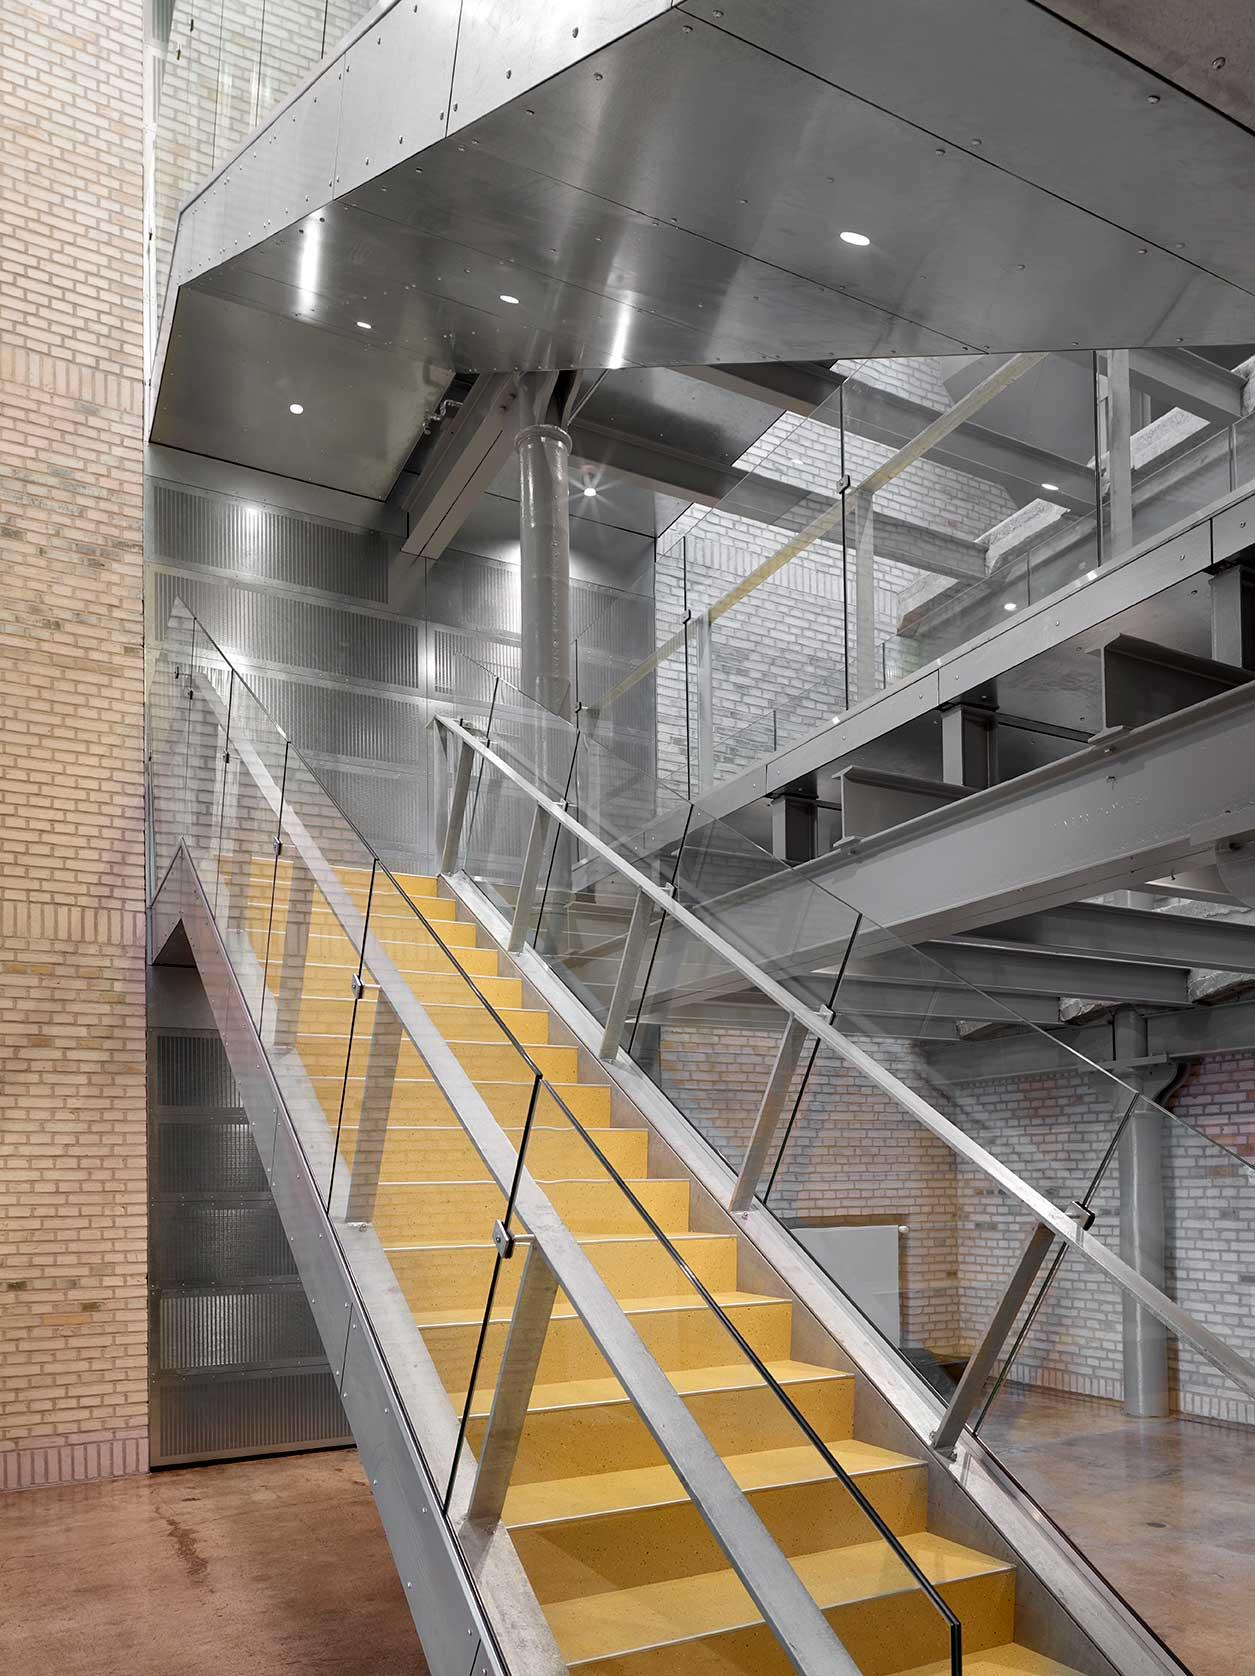 EDLR 195 downlight lampe indbygget i trappe og loft ved indgangen og foyer - Luminex